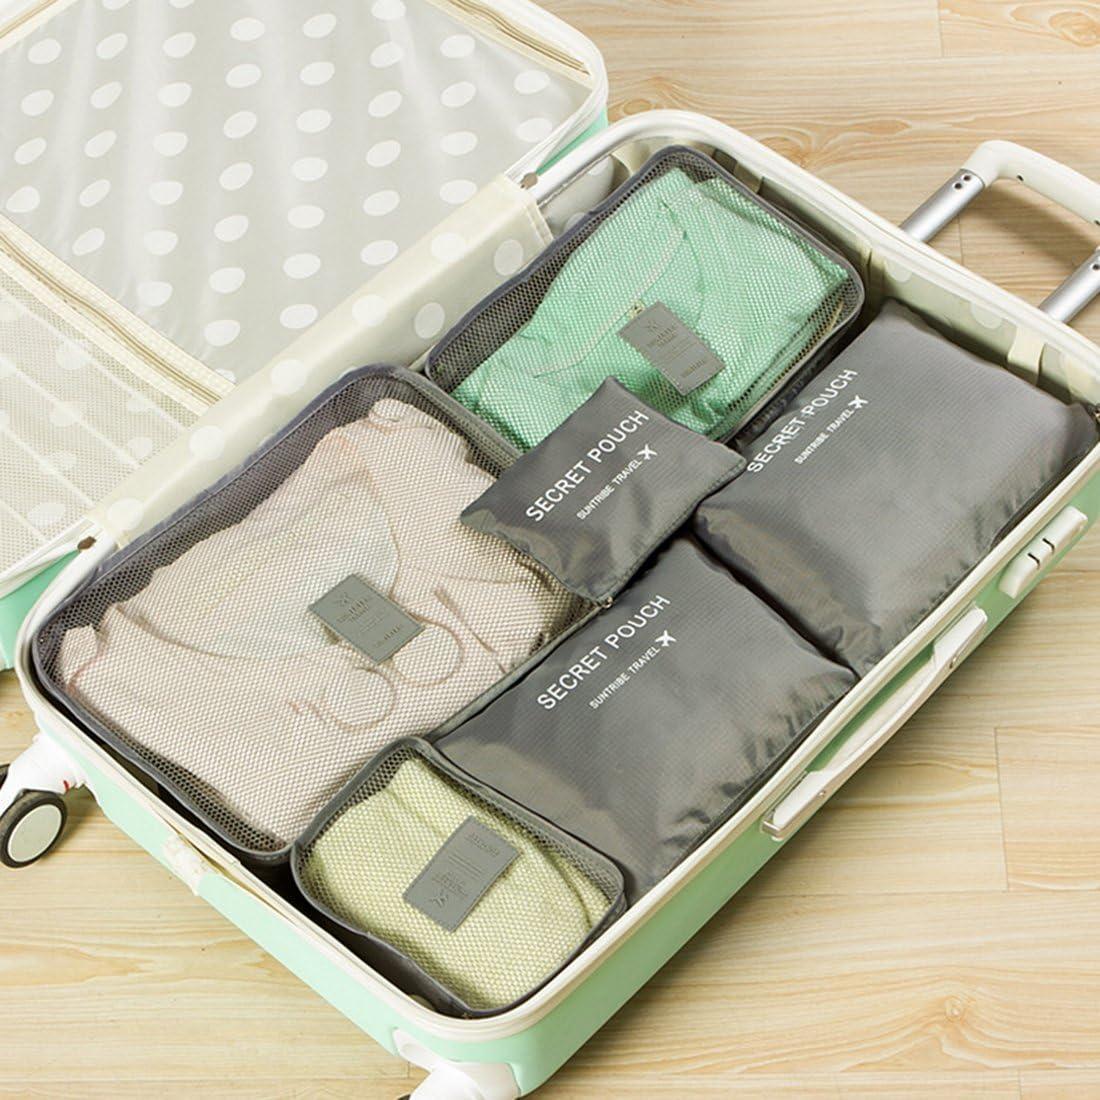 3 Sacchetti 3 Cubi di Imballaggio Foxom Organizer per valigie Bagagli Organizzatori Kit 6 Set Perfetto di Viaggio Dei Bagagli Organizzatore,blu